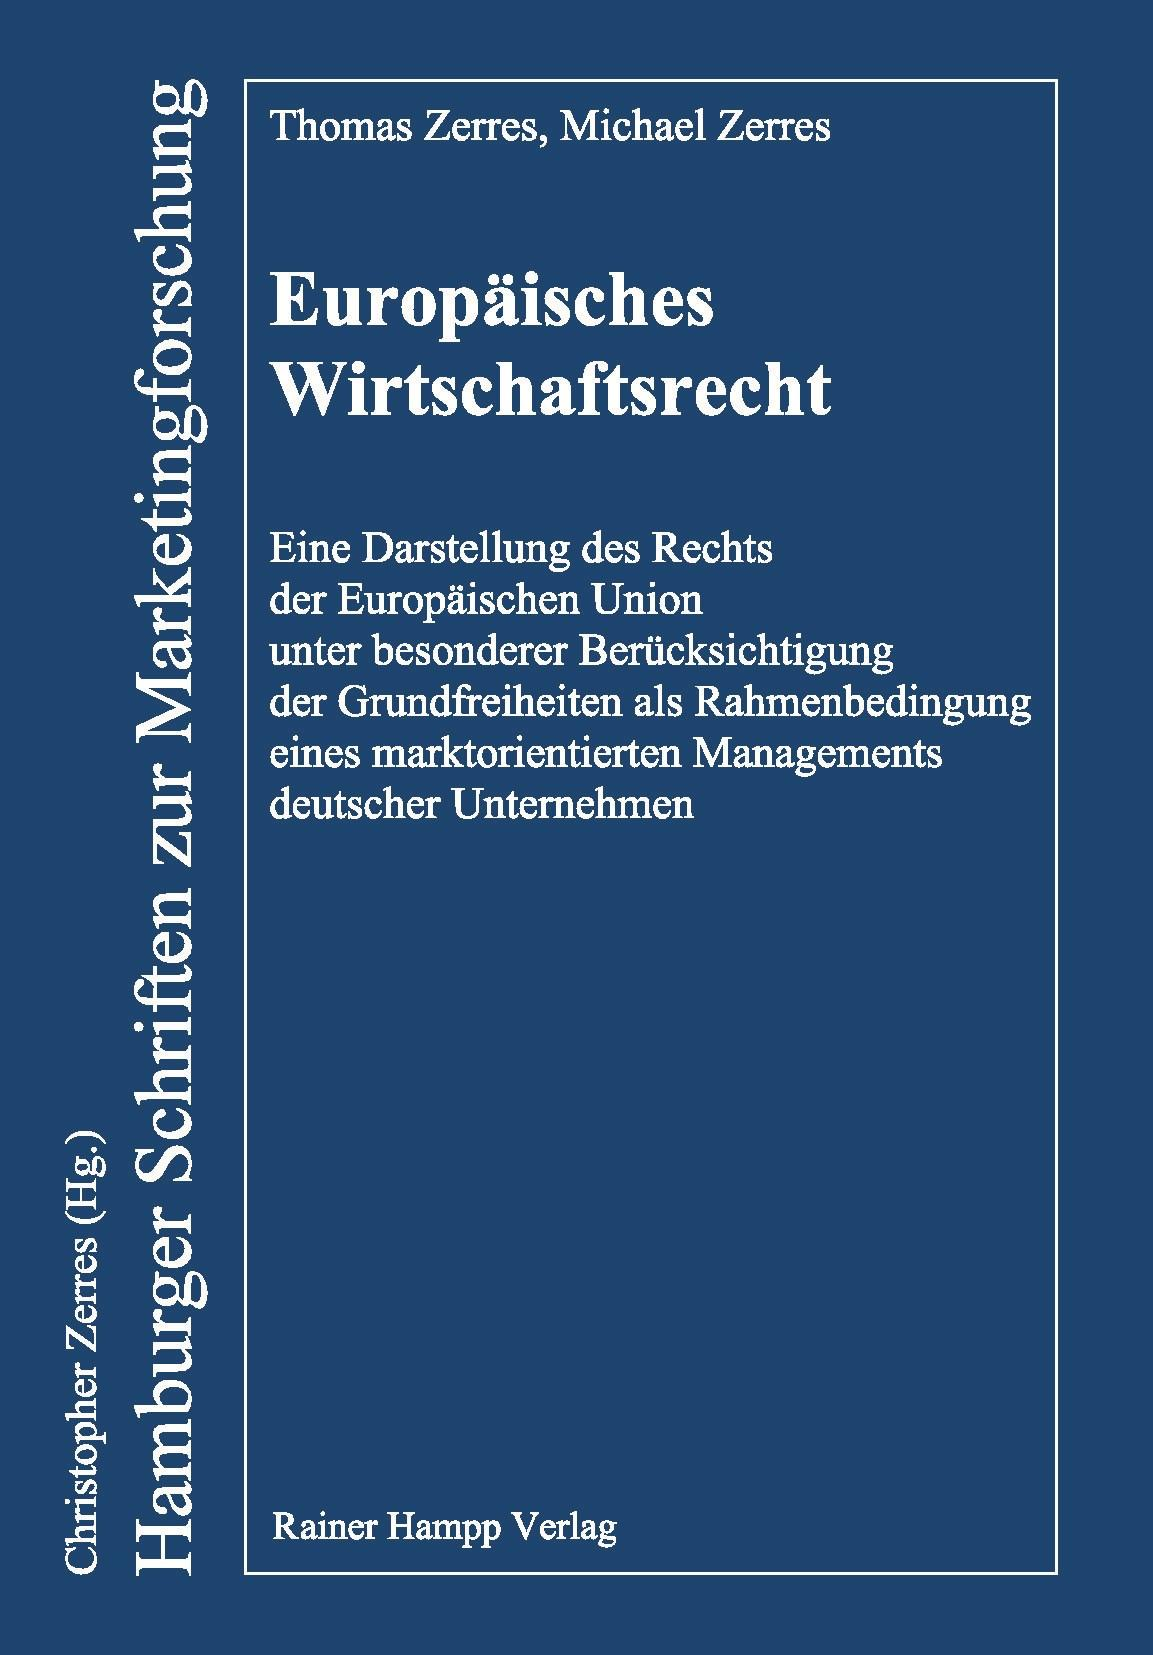 Europaeisches-Wirtschaftsrecht-Thomas-Zerres